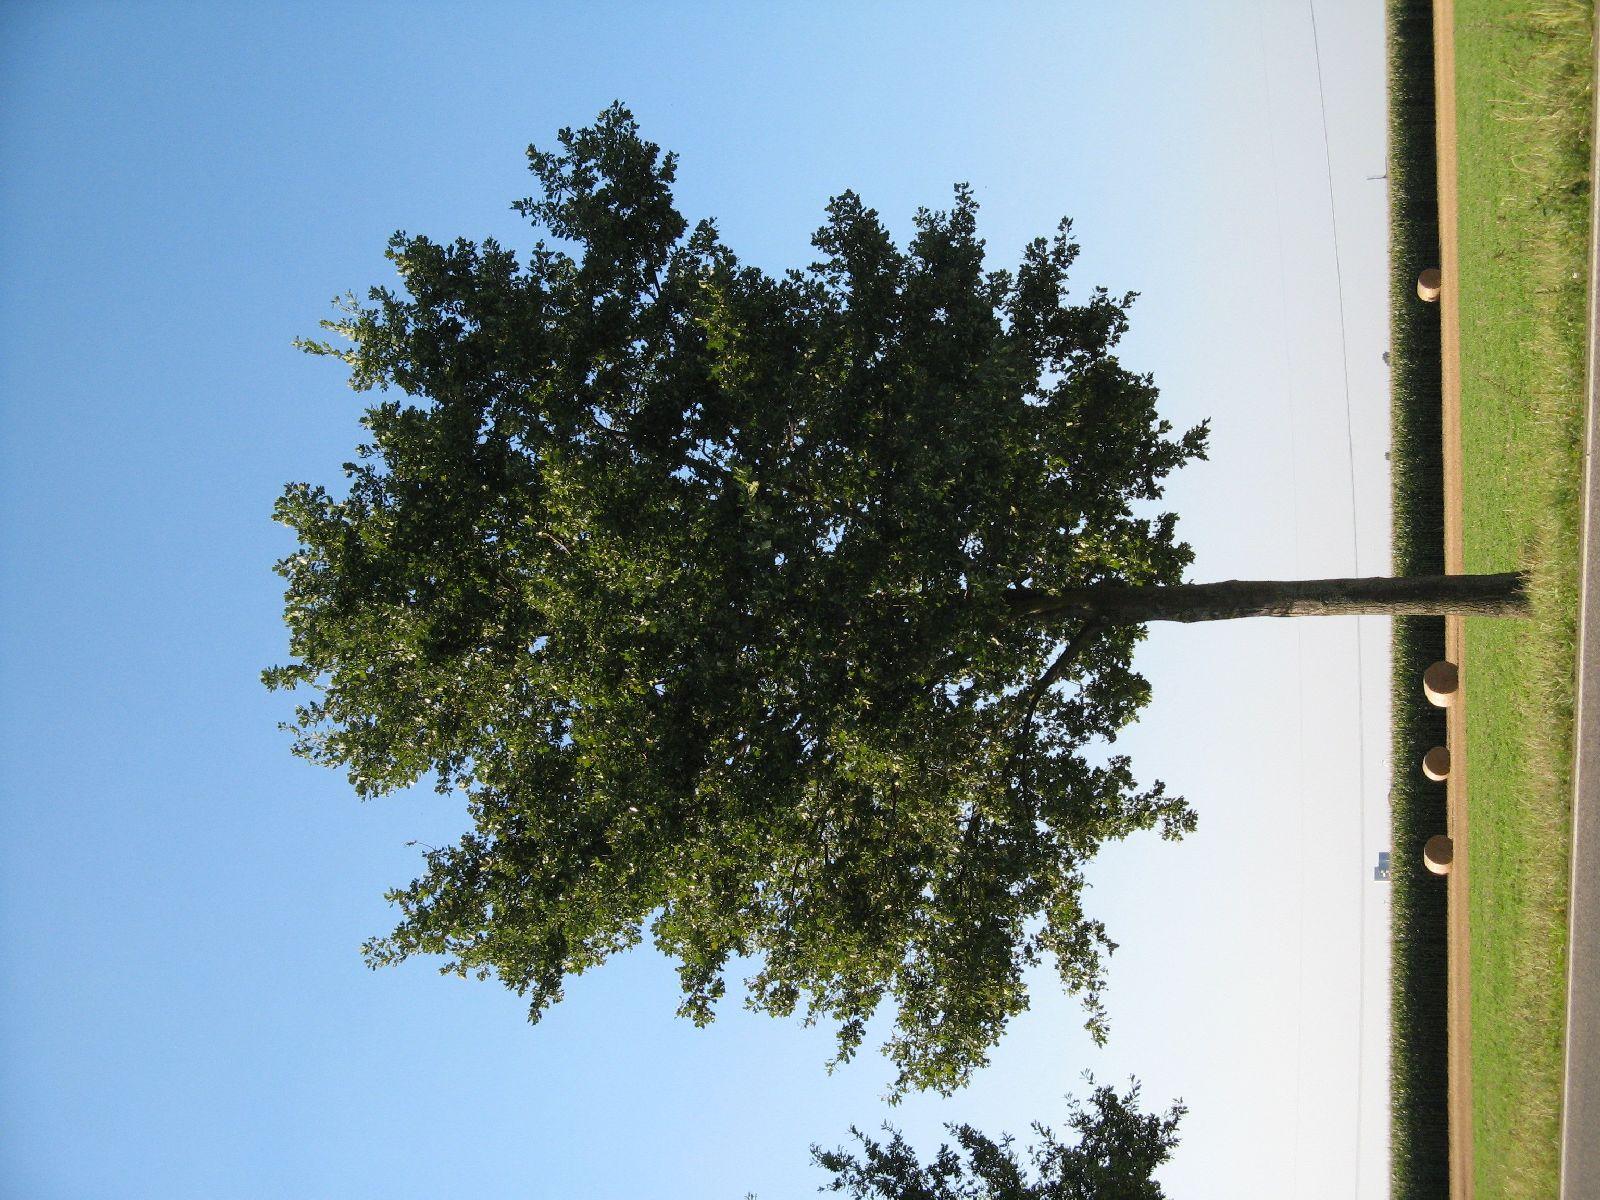 Pflanzen-Baum-Foto_Textur_B_1249